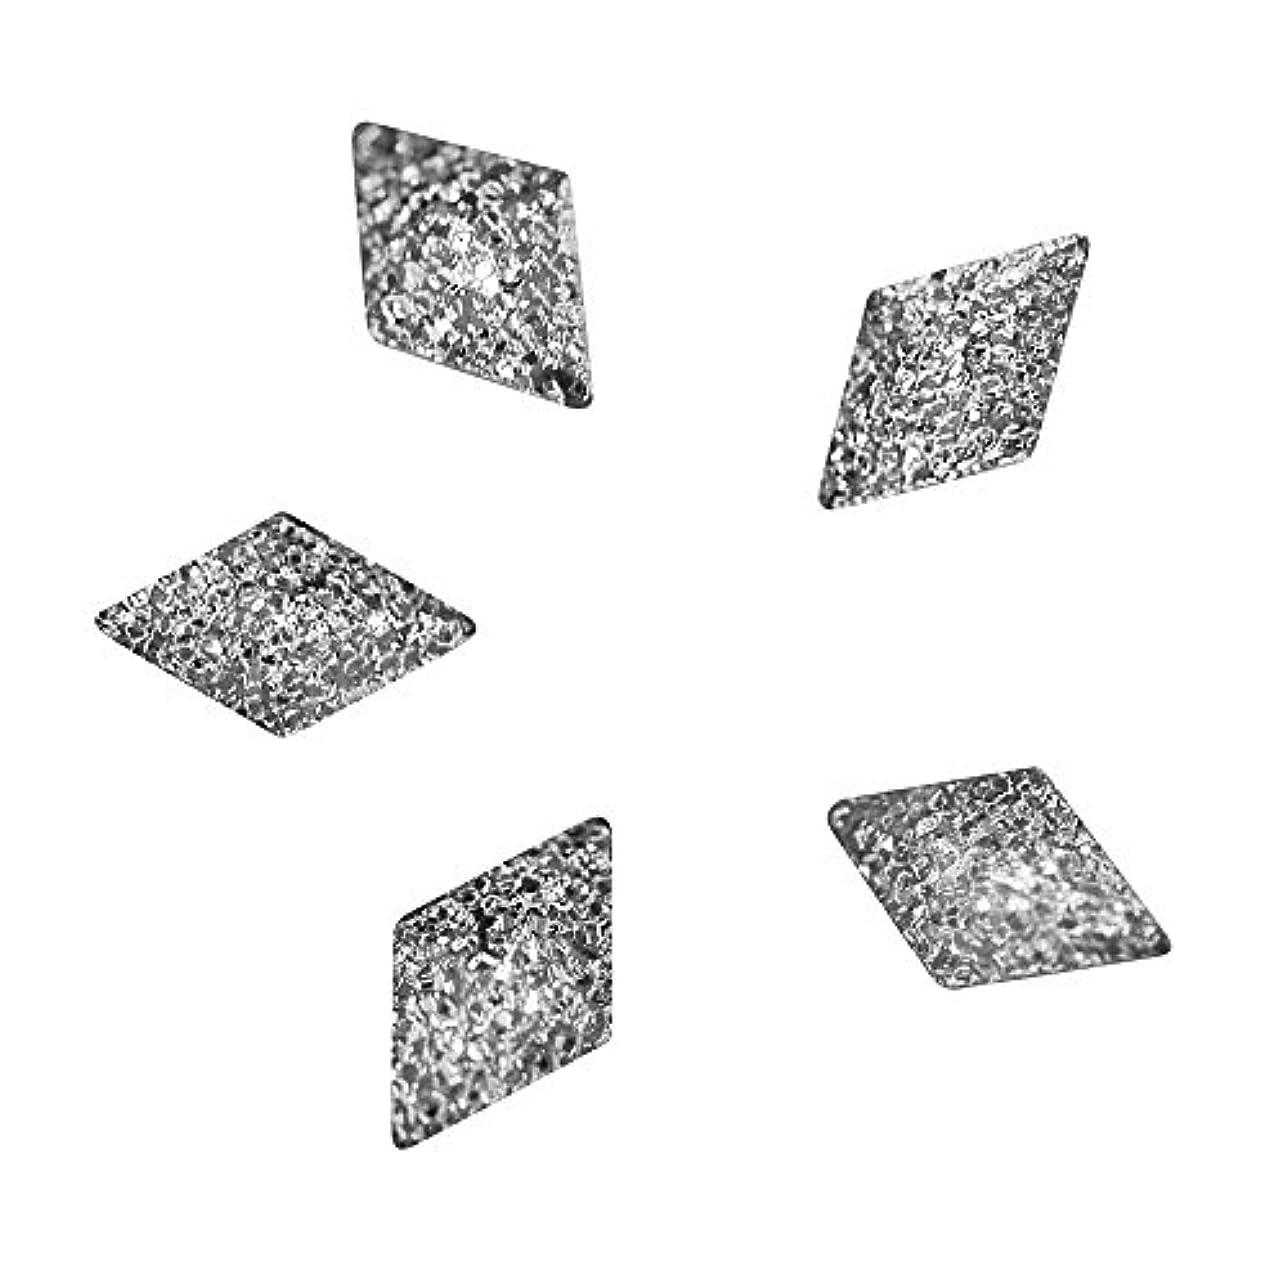 気難しい多様体オデュッセウスBonnail ラフスタッズシルバー ダイヤ5×3mm